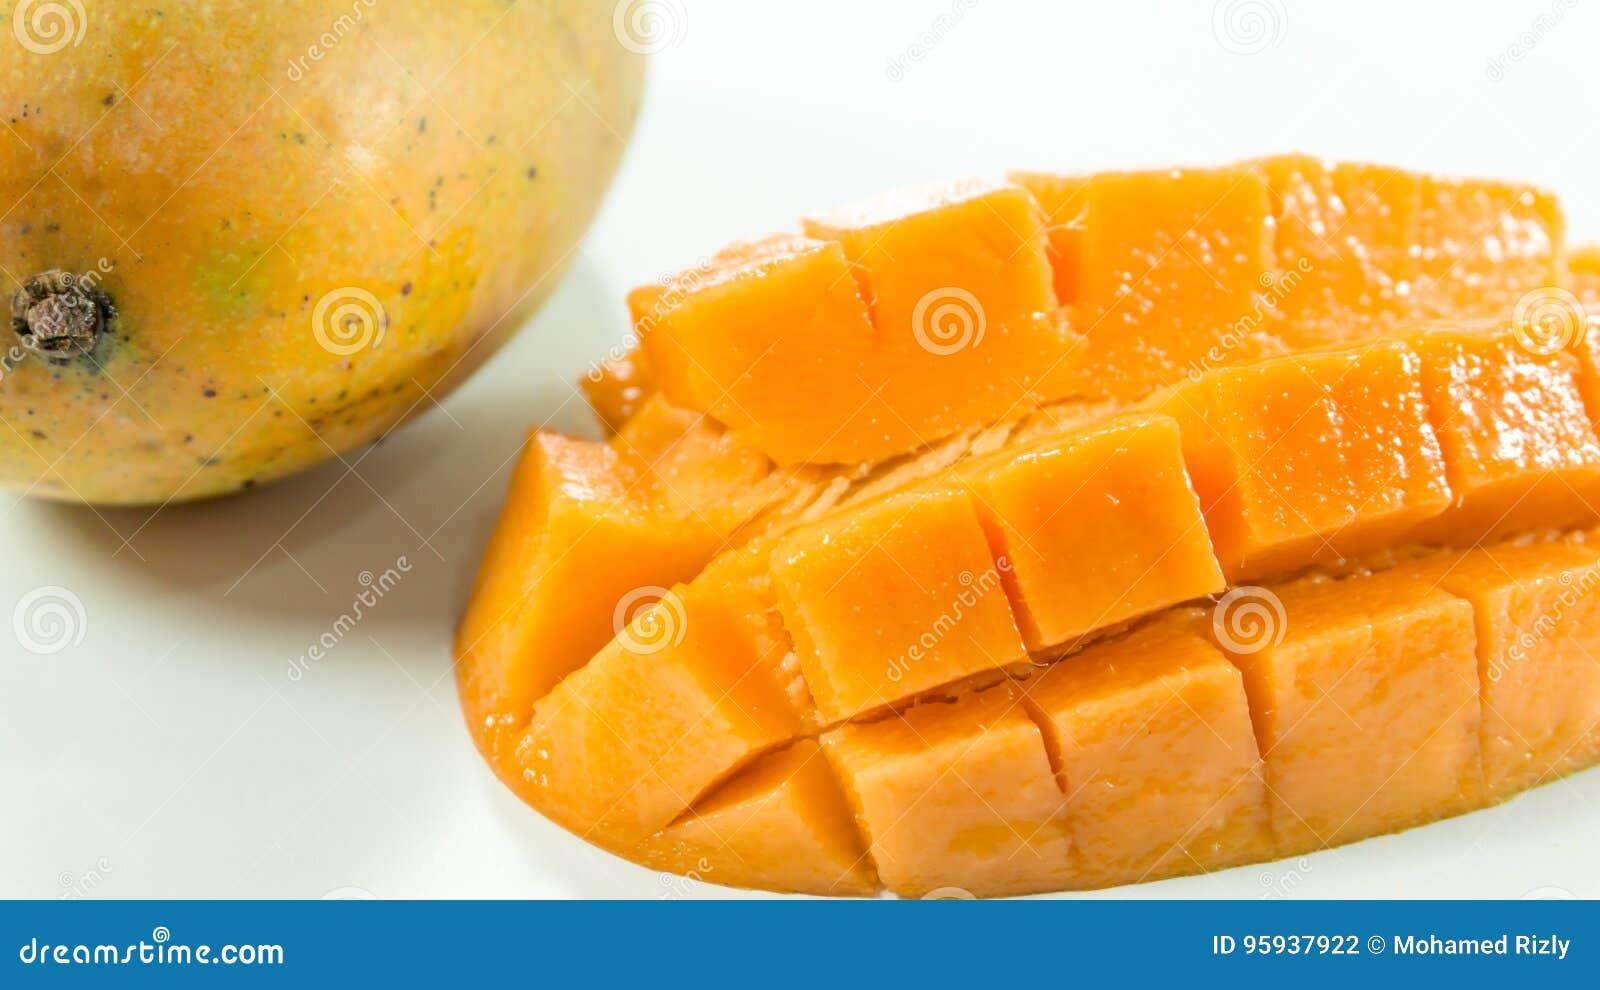 Ripe mangoes in white background/slice mango to eat